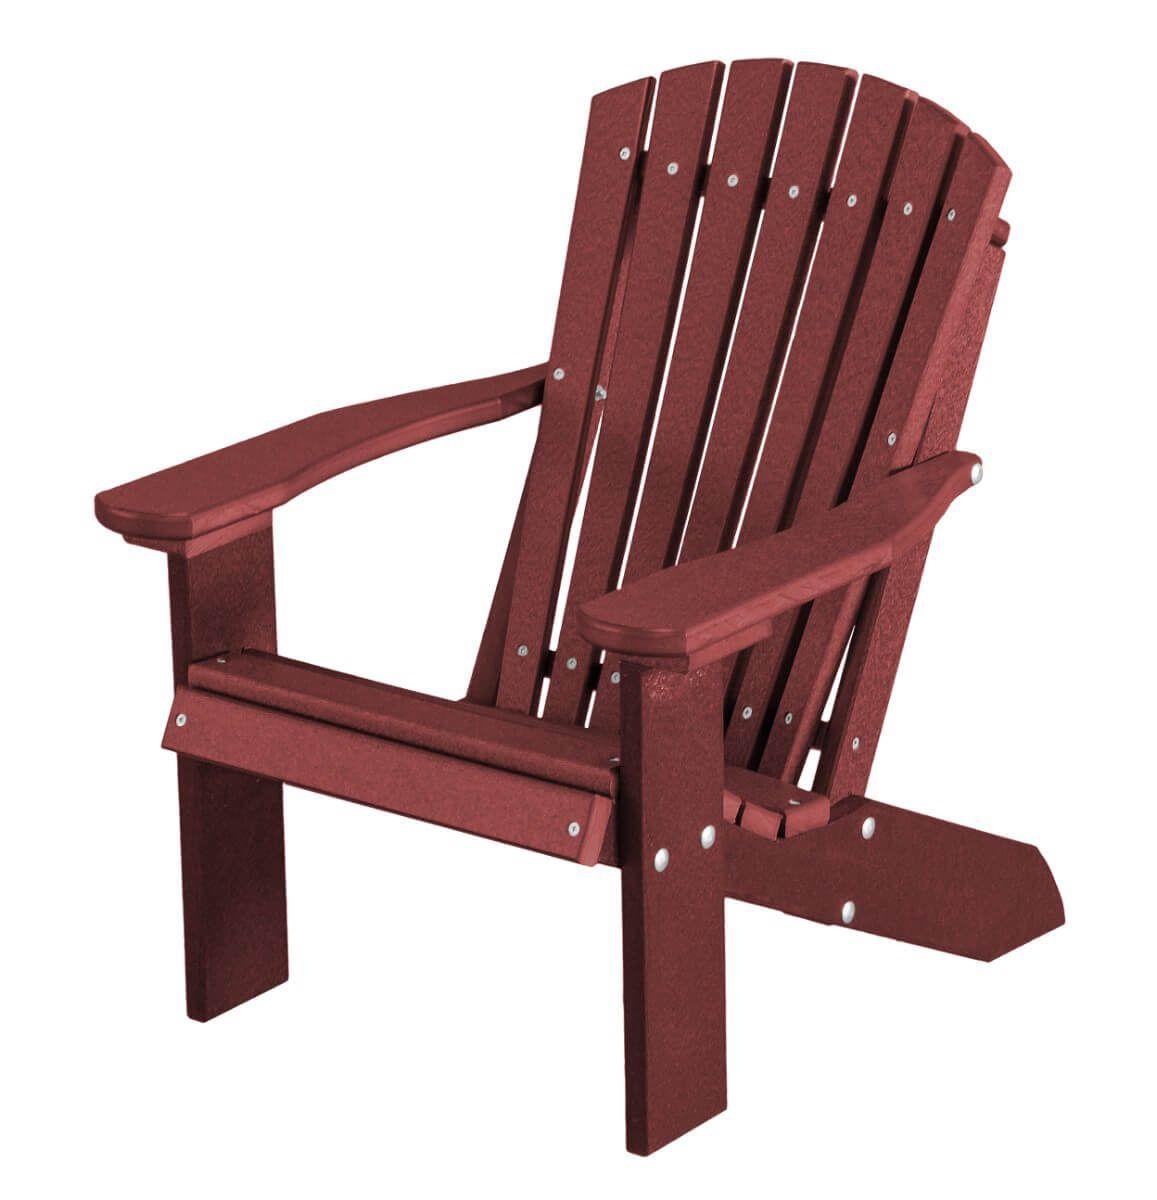 Cherry Wood Sidra Child's Adirondack Chair